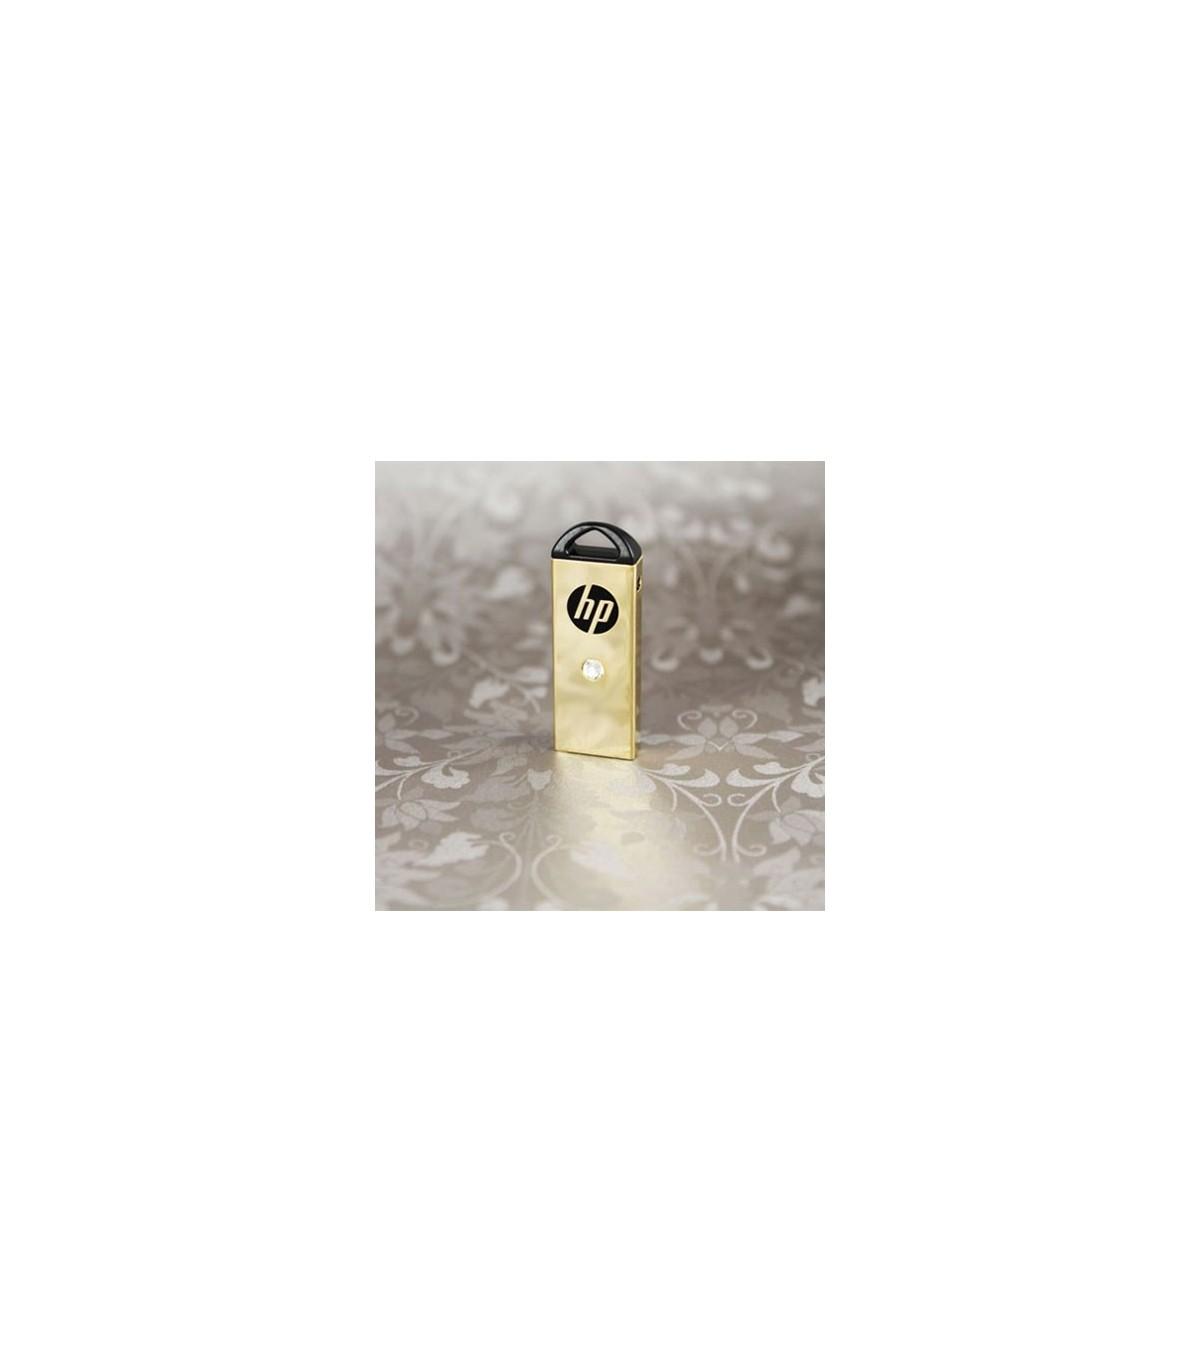 فلش مموری اچ پی 16 گیگابایت V223W